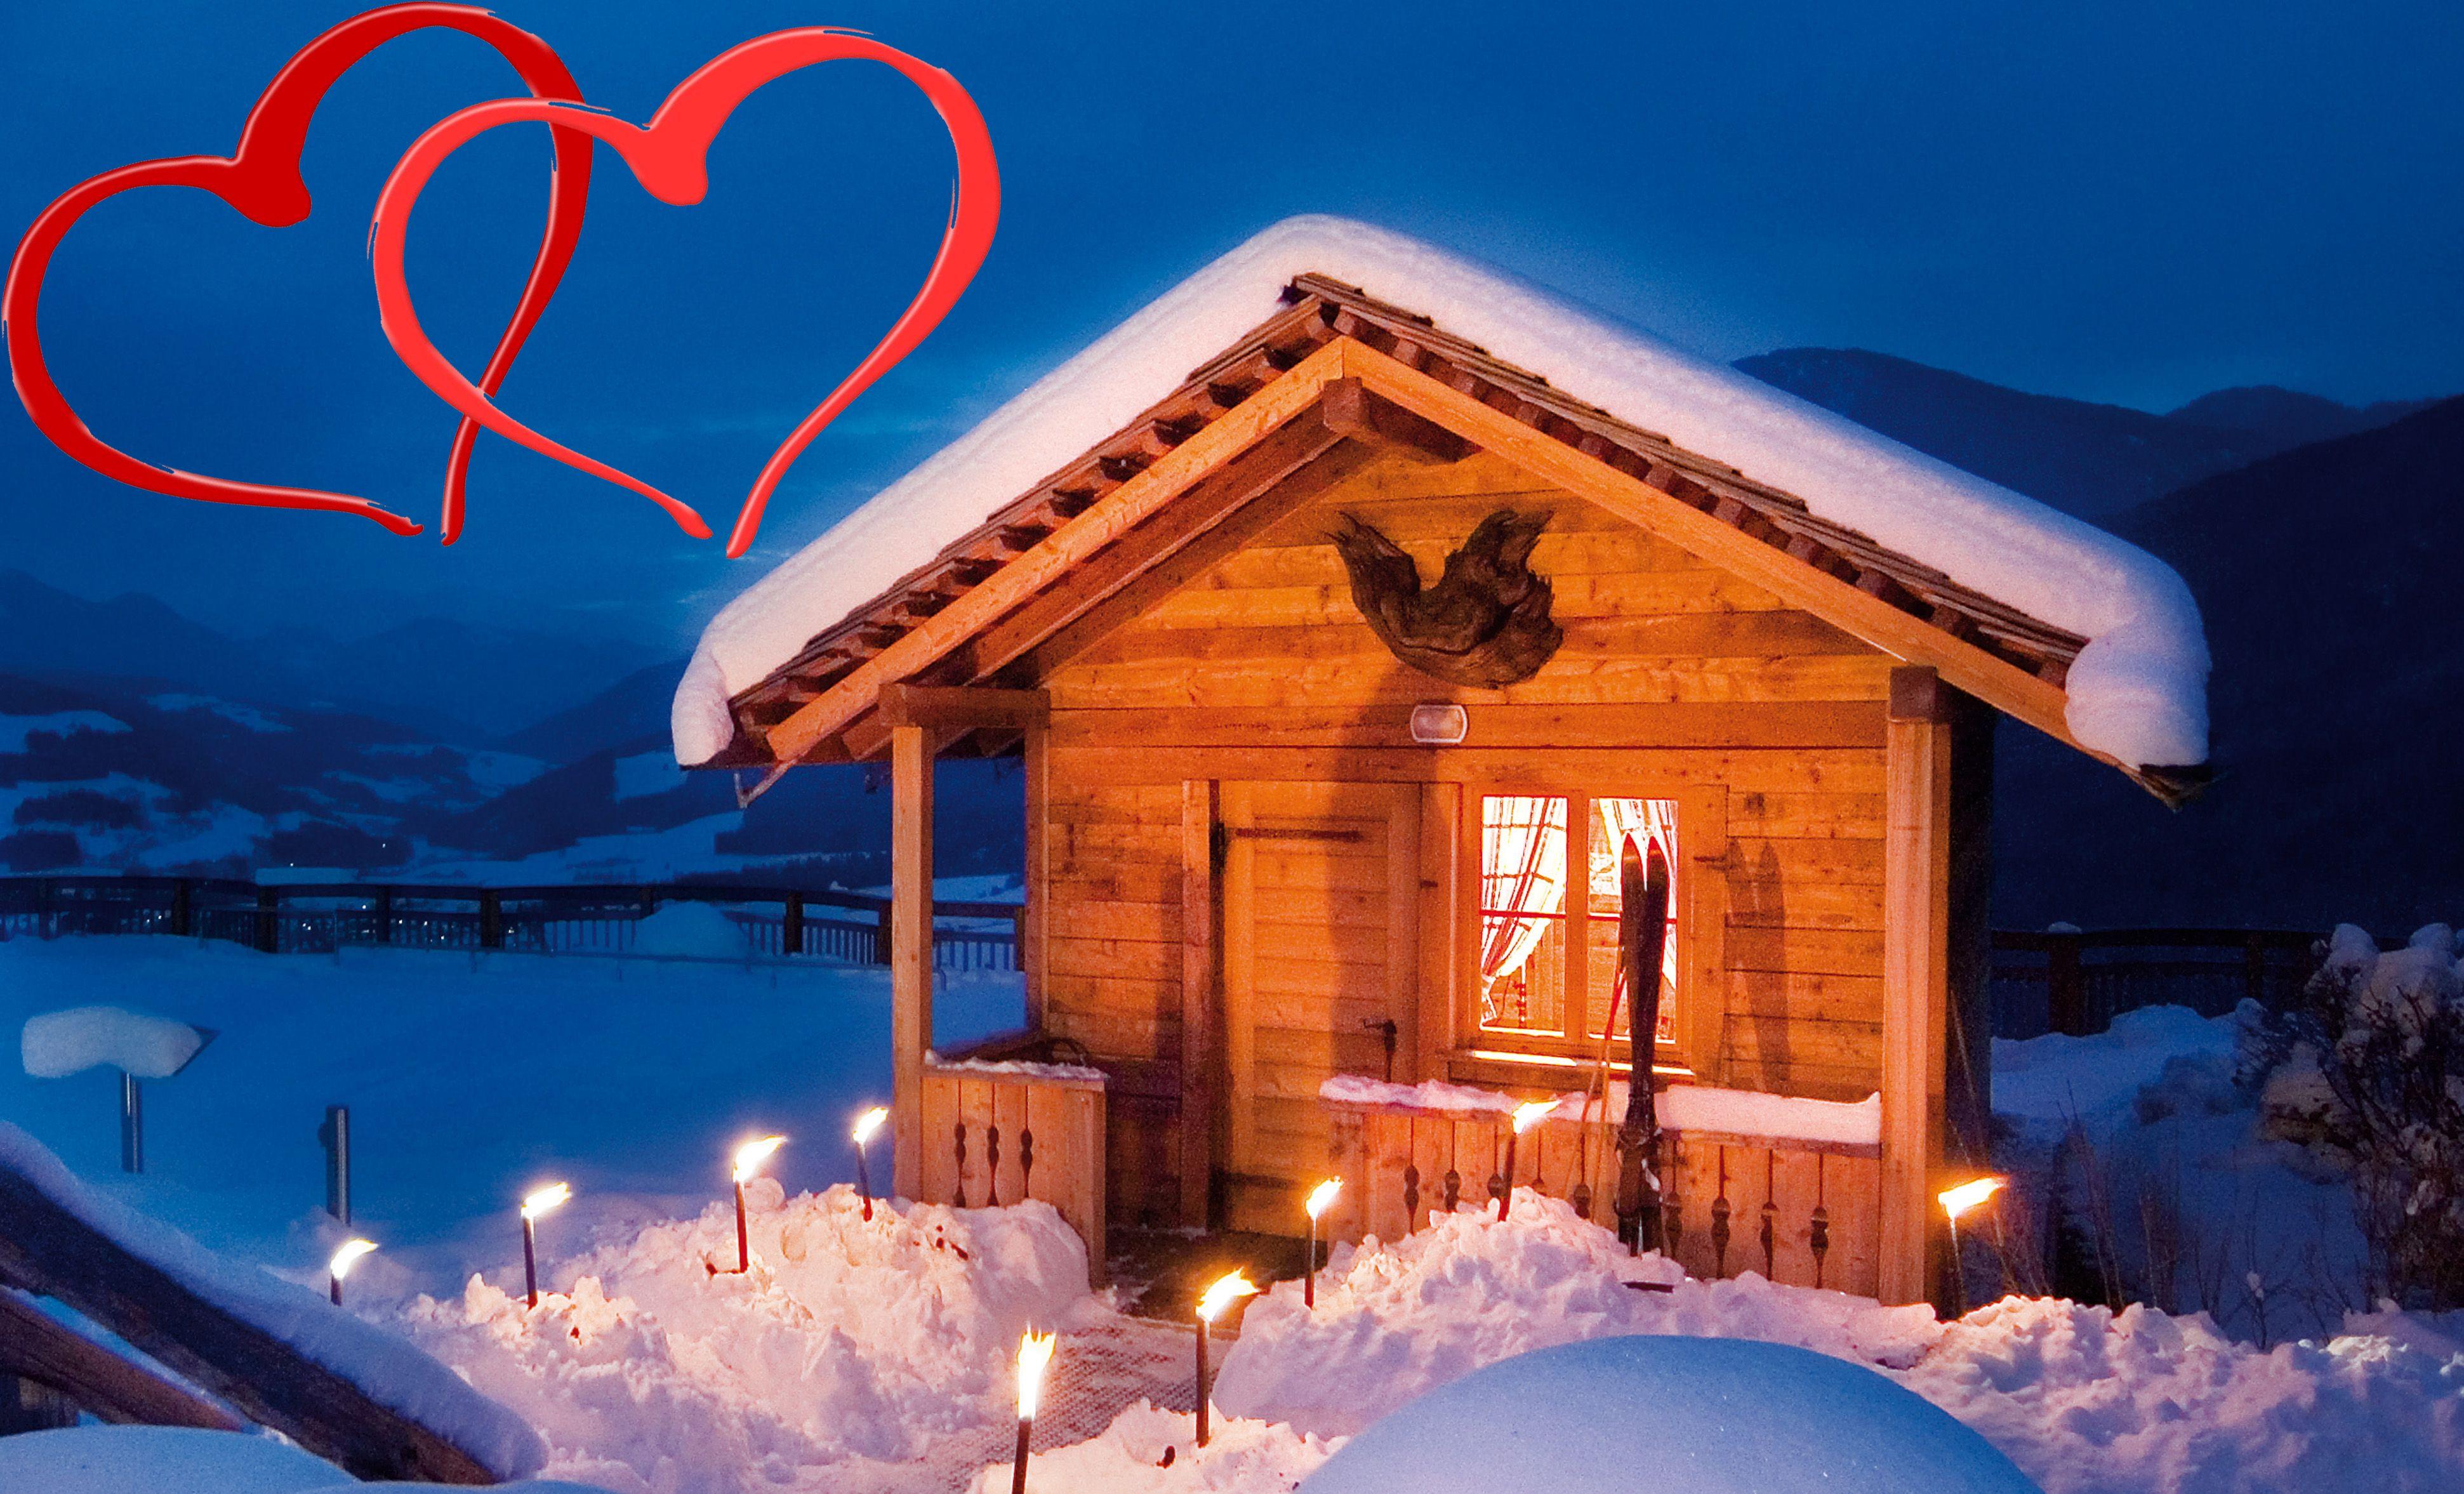 Bagno Romantico San Valentino : Giorni romantici per san valentino notti ⊶ valdaora val